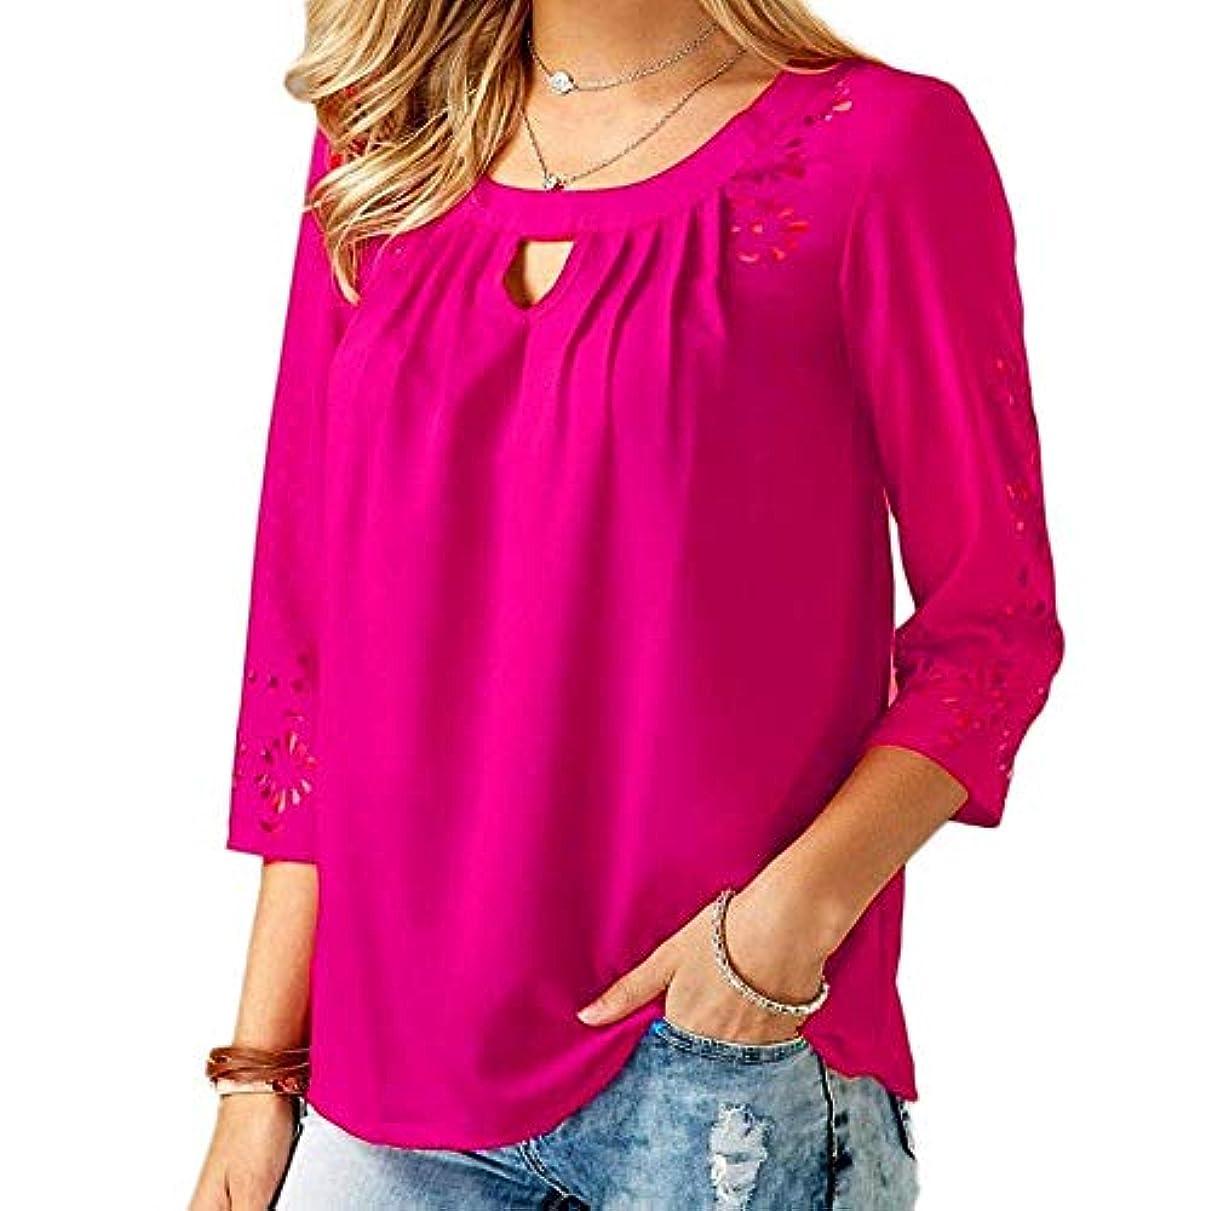 契約する教養があるがんばり続けるMIFAN ゆったりTシャツ、シフォンシャツ、カジュアルシャツ、女性トップ、プラスサイズトップ